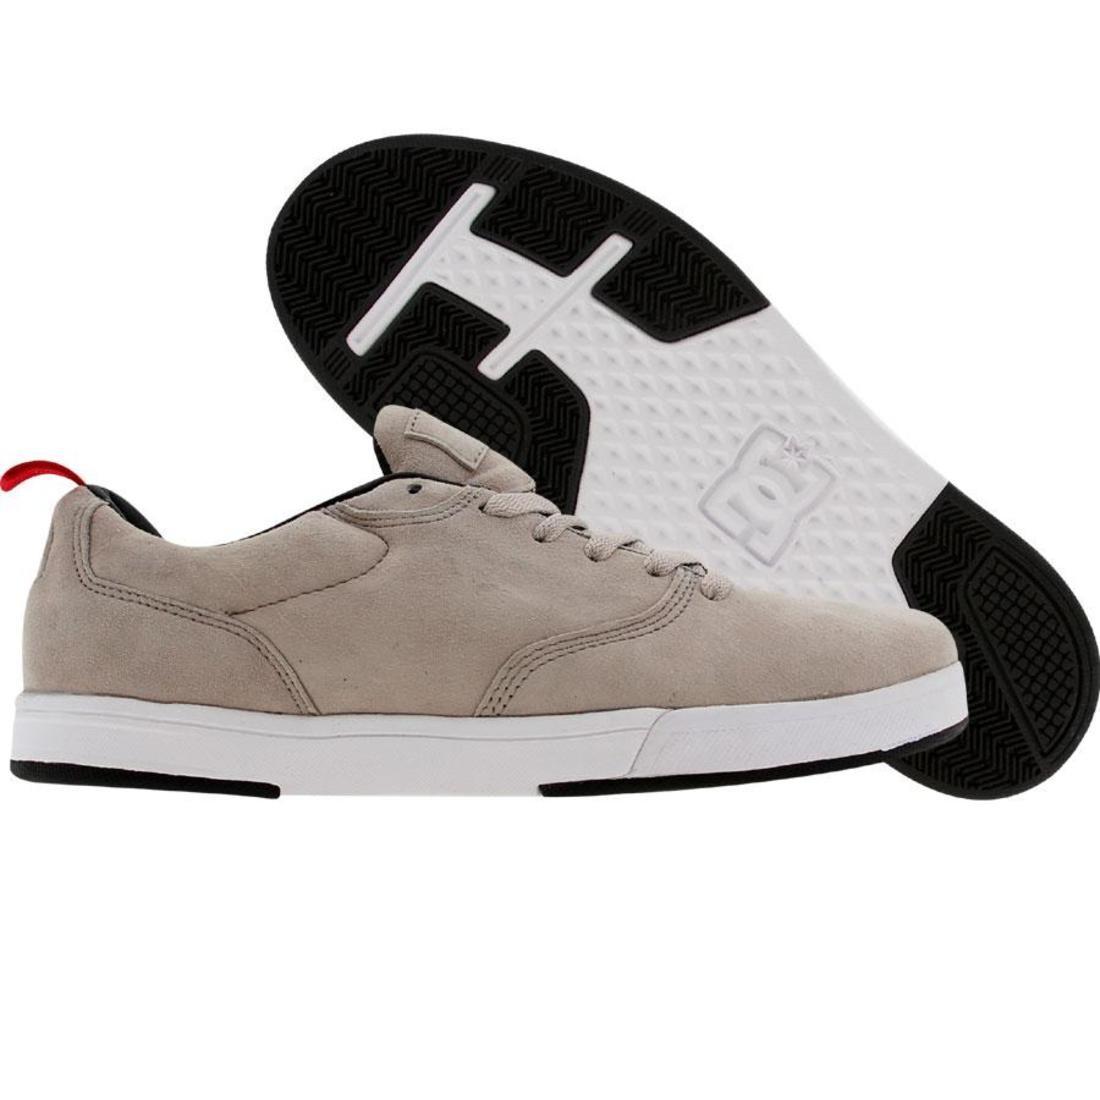 【海外限定】ディーシー スウィフト アンレスト 靴 スニーカー 【 DC SWIFT UNREST GREY 】